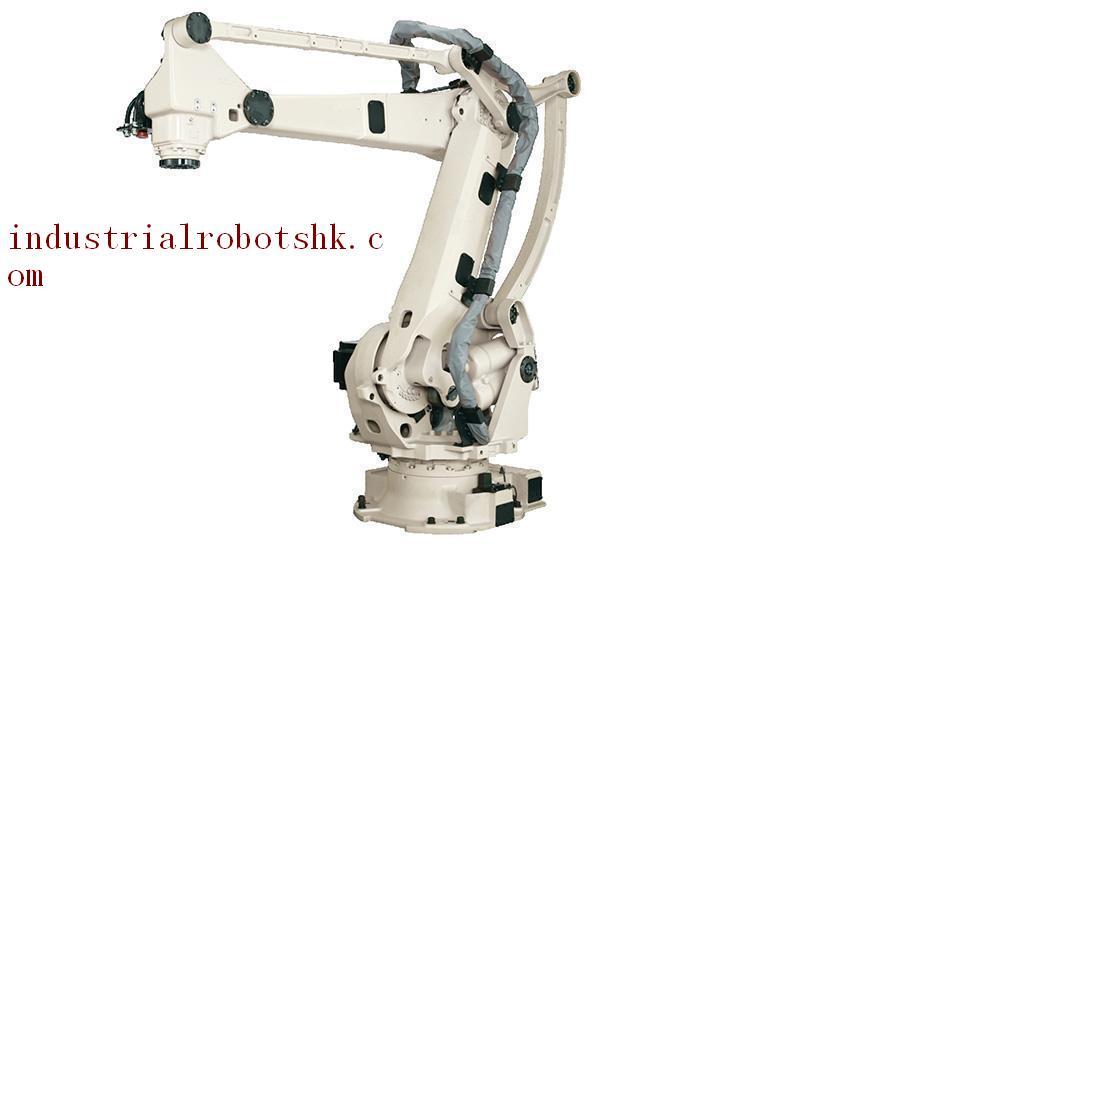 LP130 Stacking Robotic Arm/ Industrial handle Robot/ Welding Machine/ Welder Spra Explosion Pr